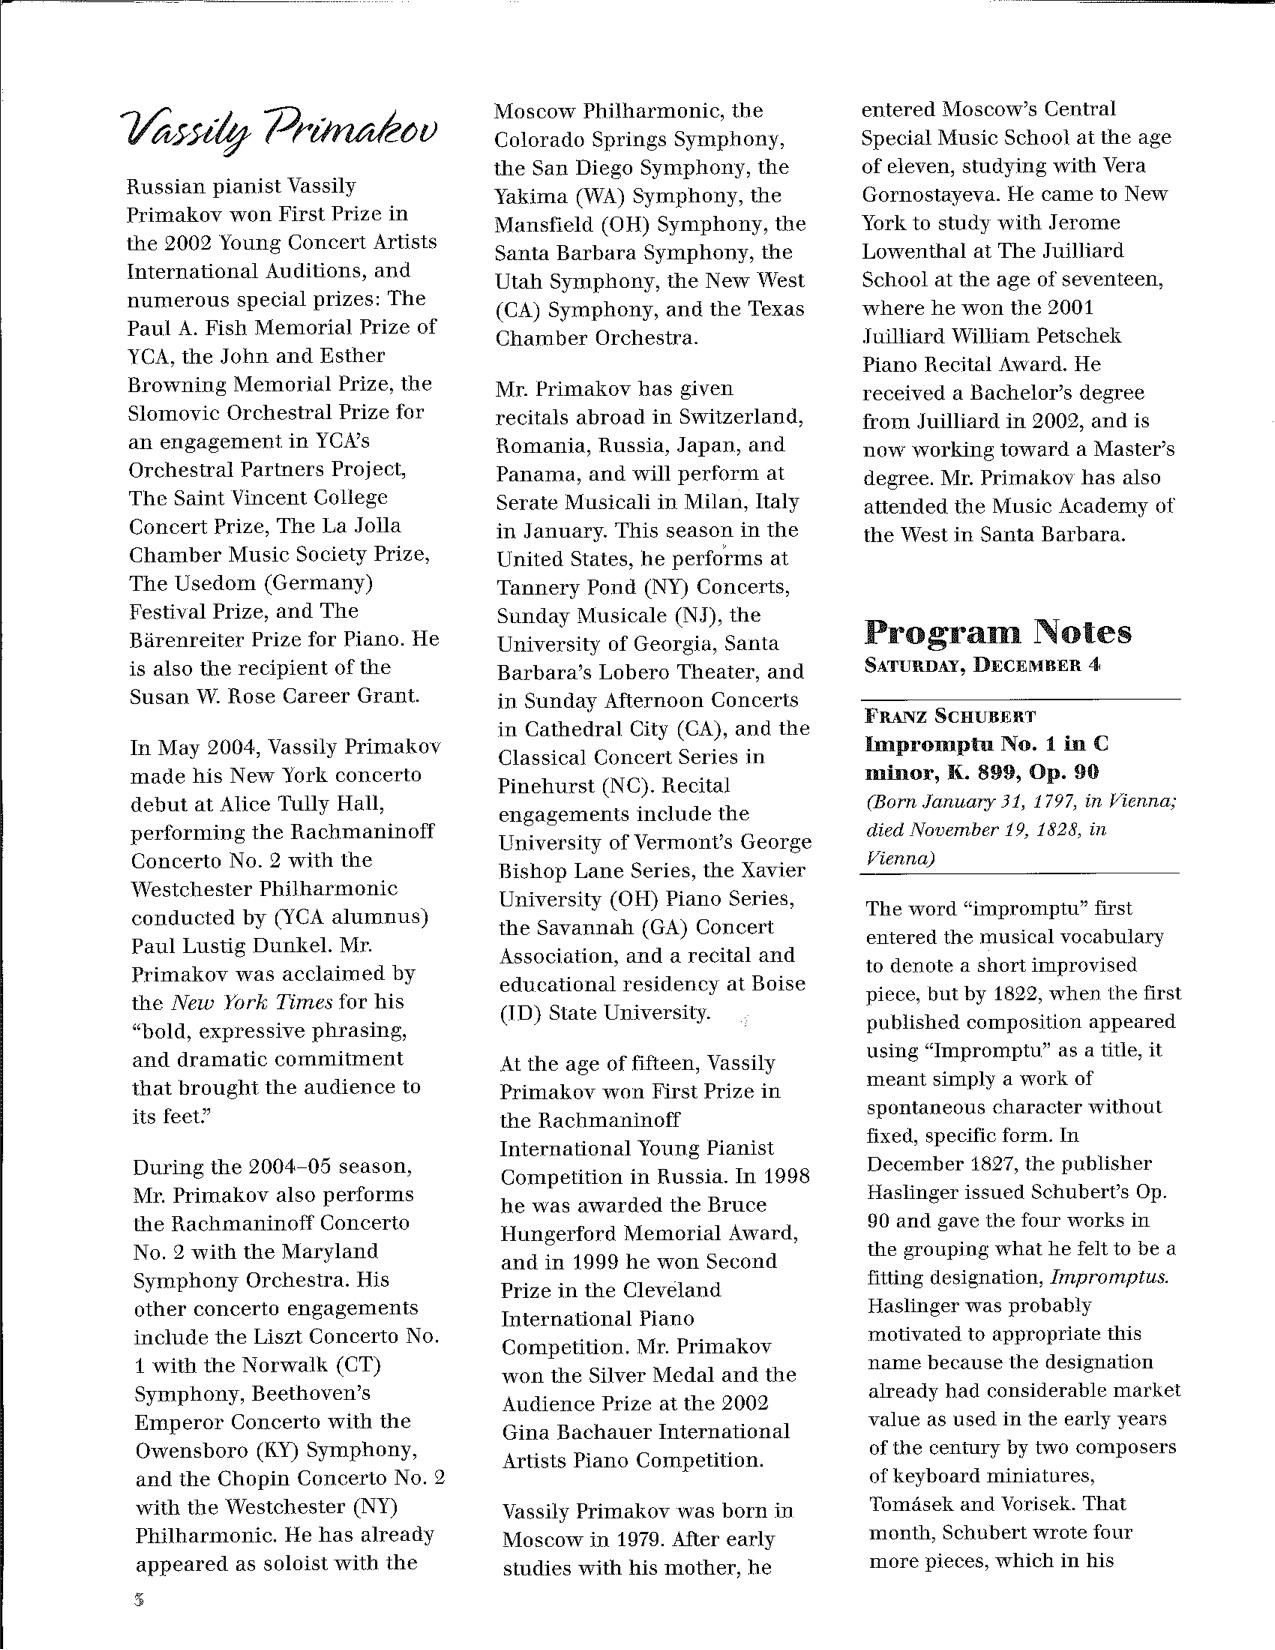 Primakov04-05_Program4.jpg